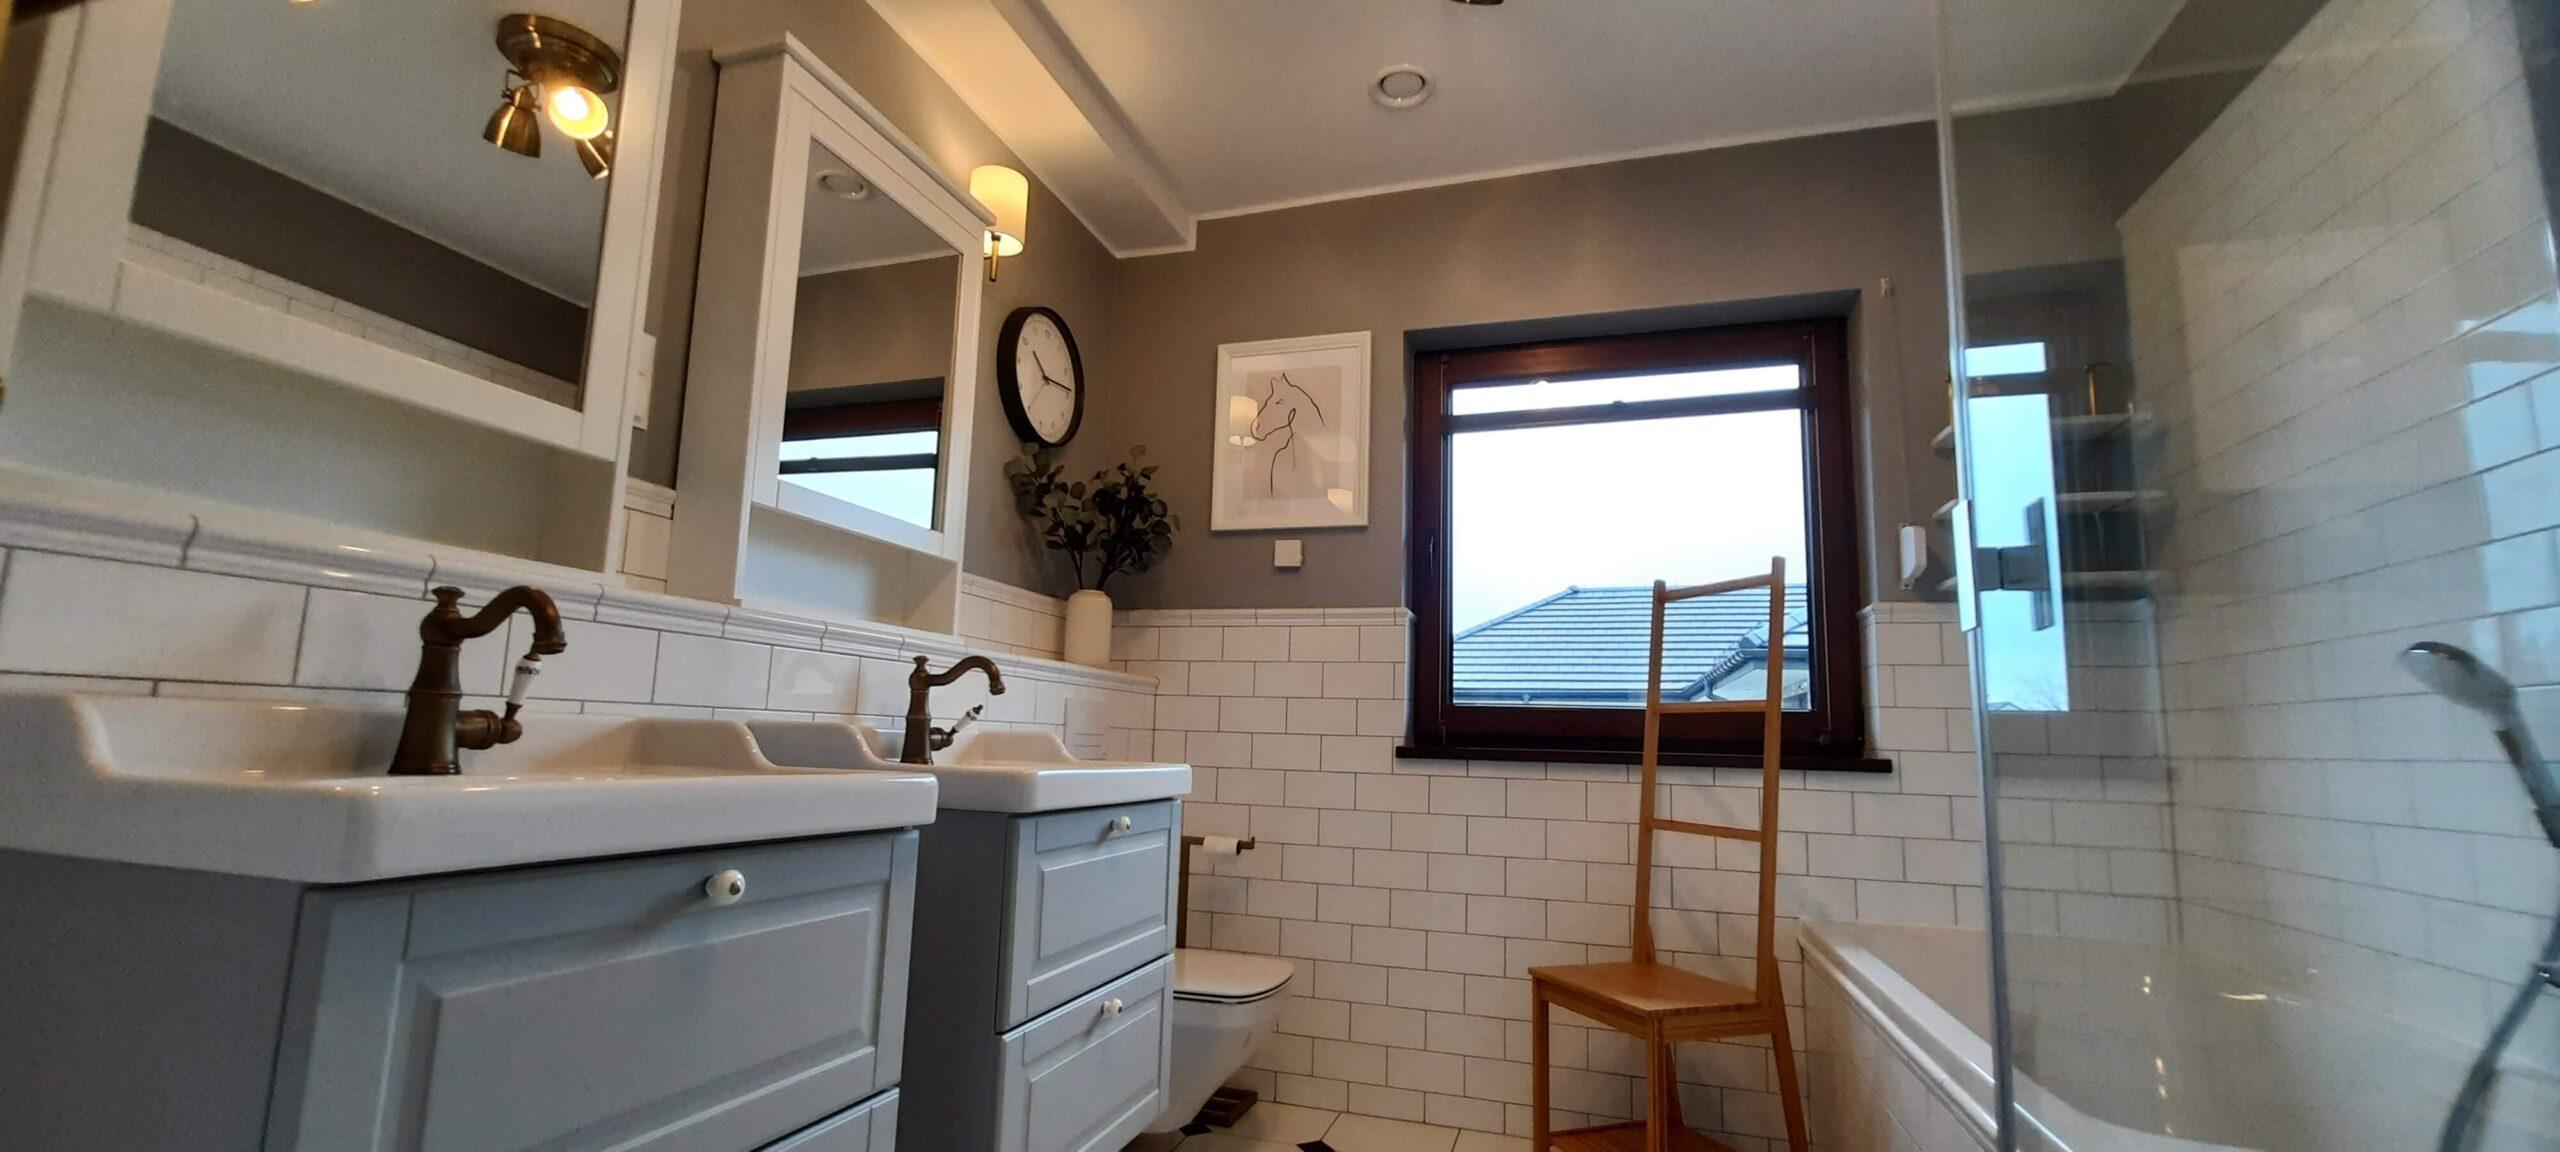 Łazienka styl rustykalny